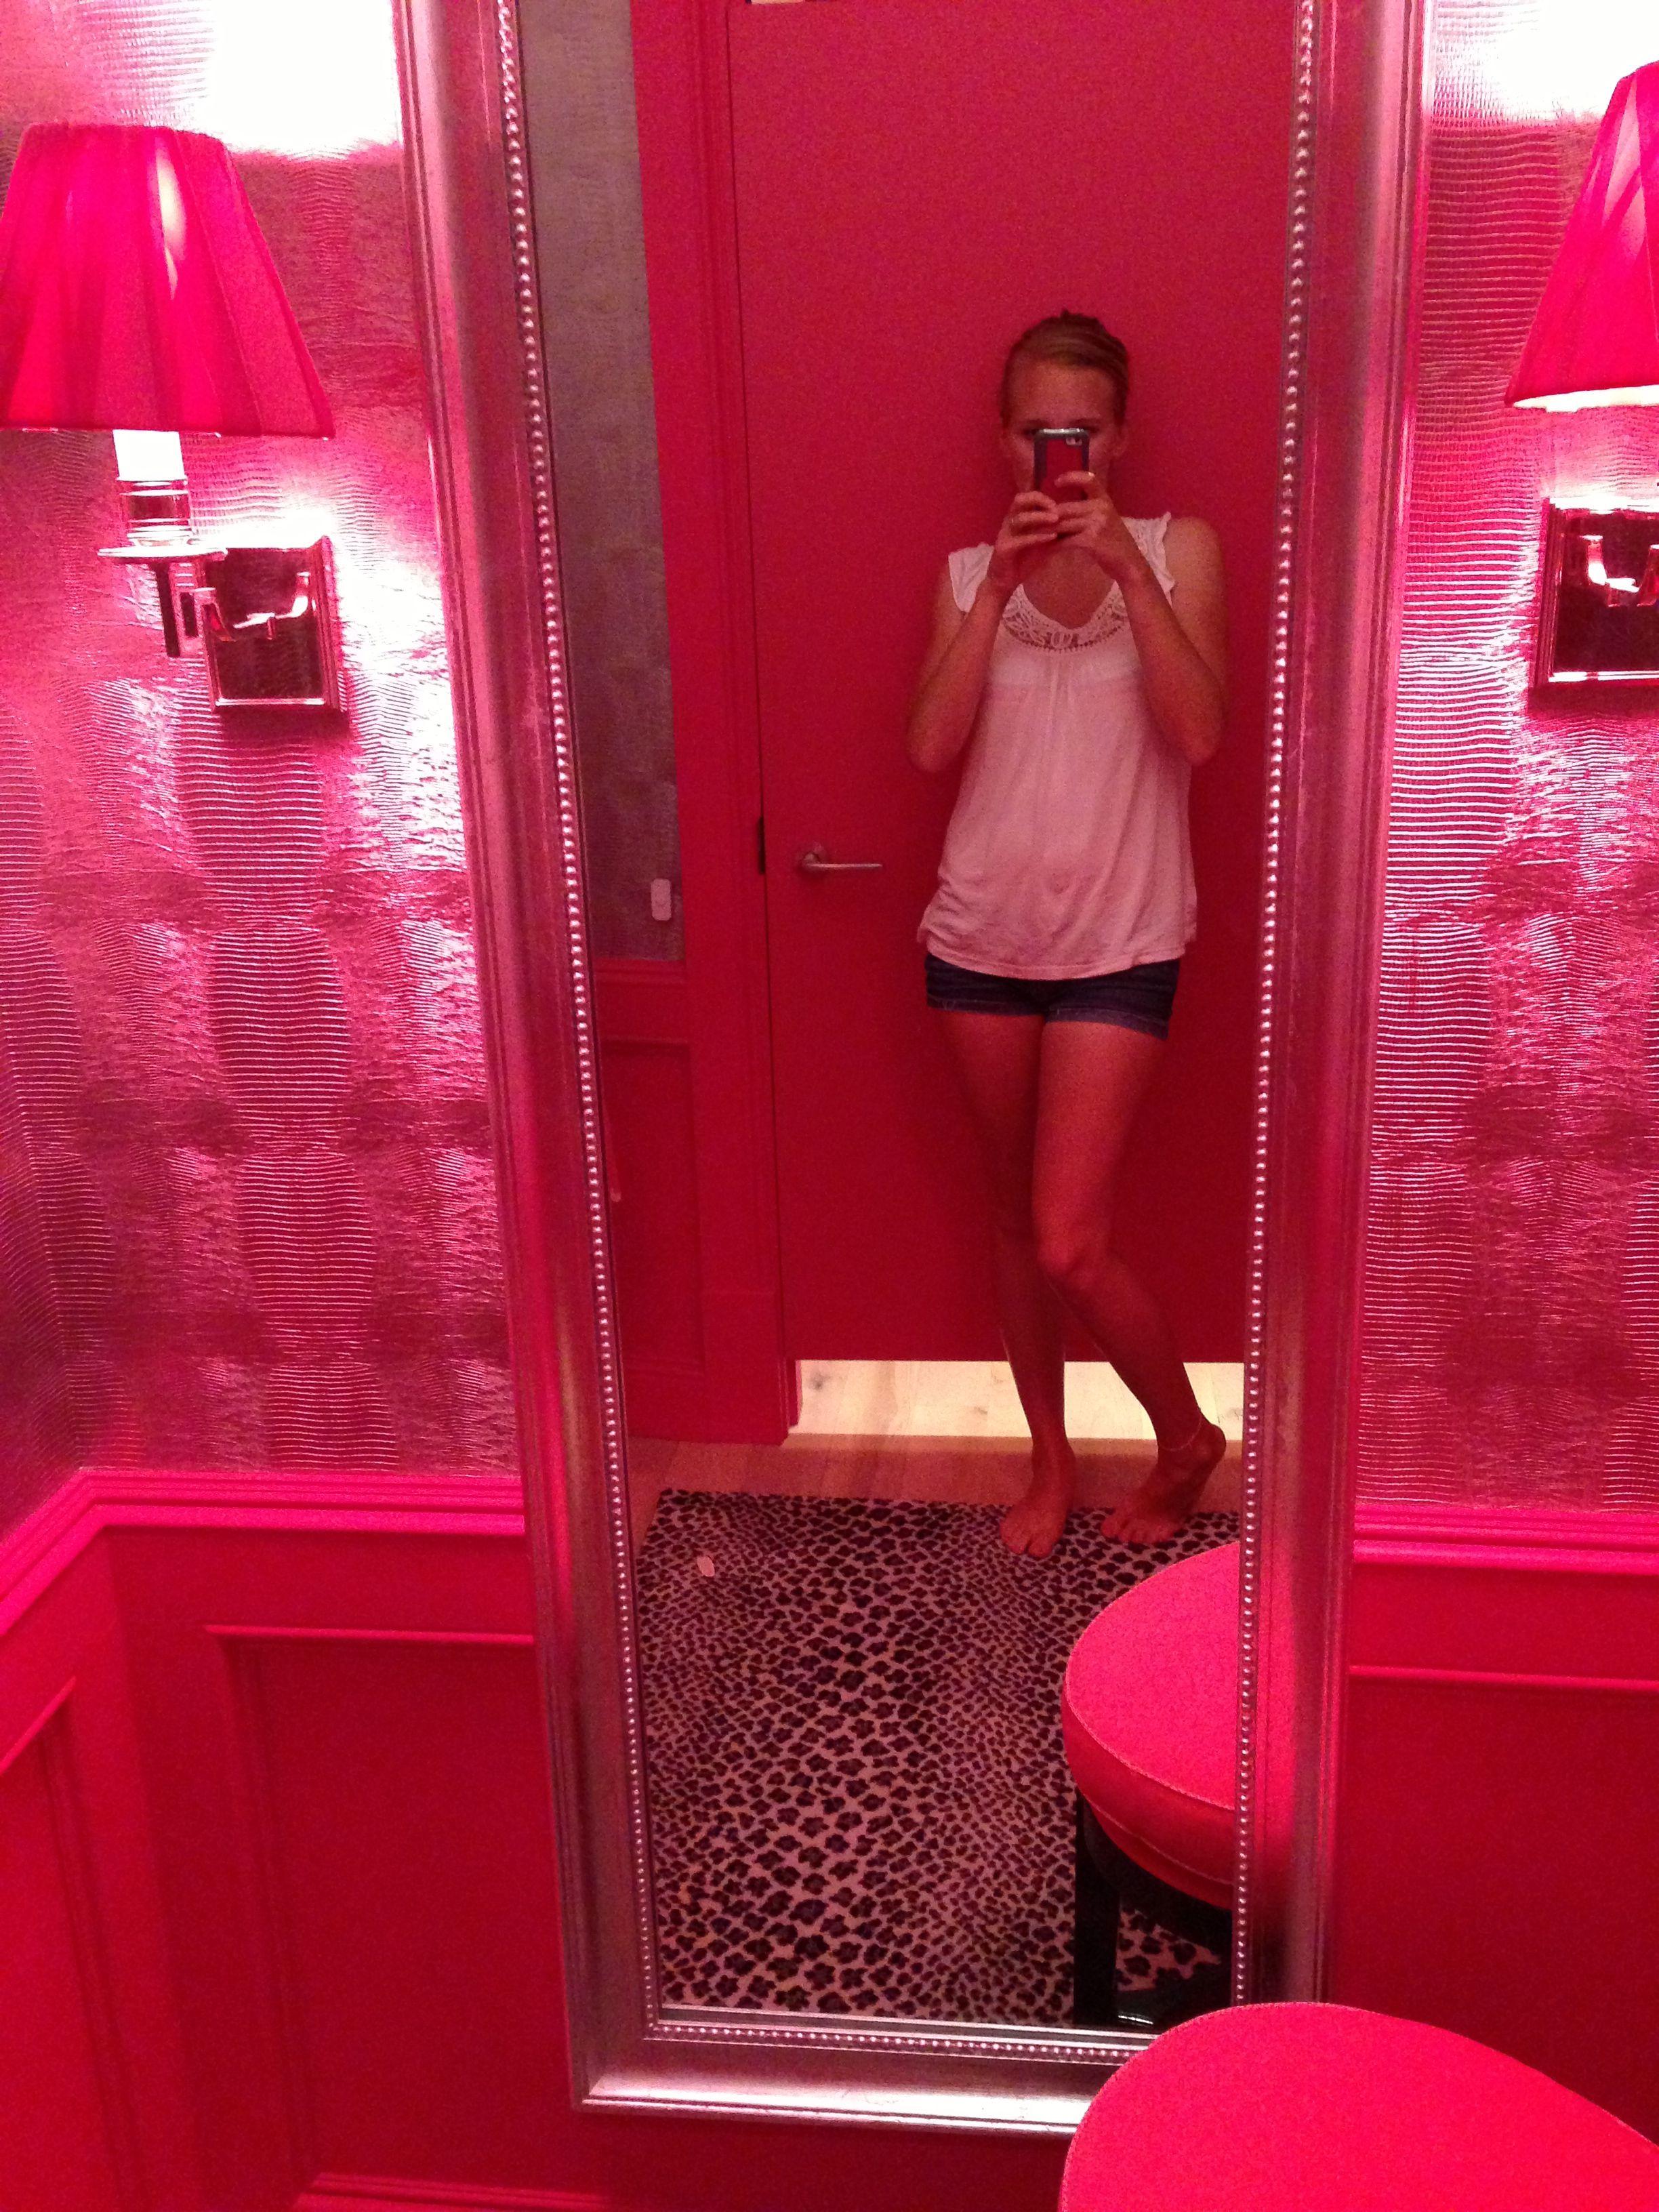 victoria secret bedroom. Victoria s Secret dressing room Pink pink  Love PINK